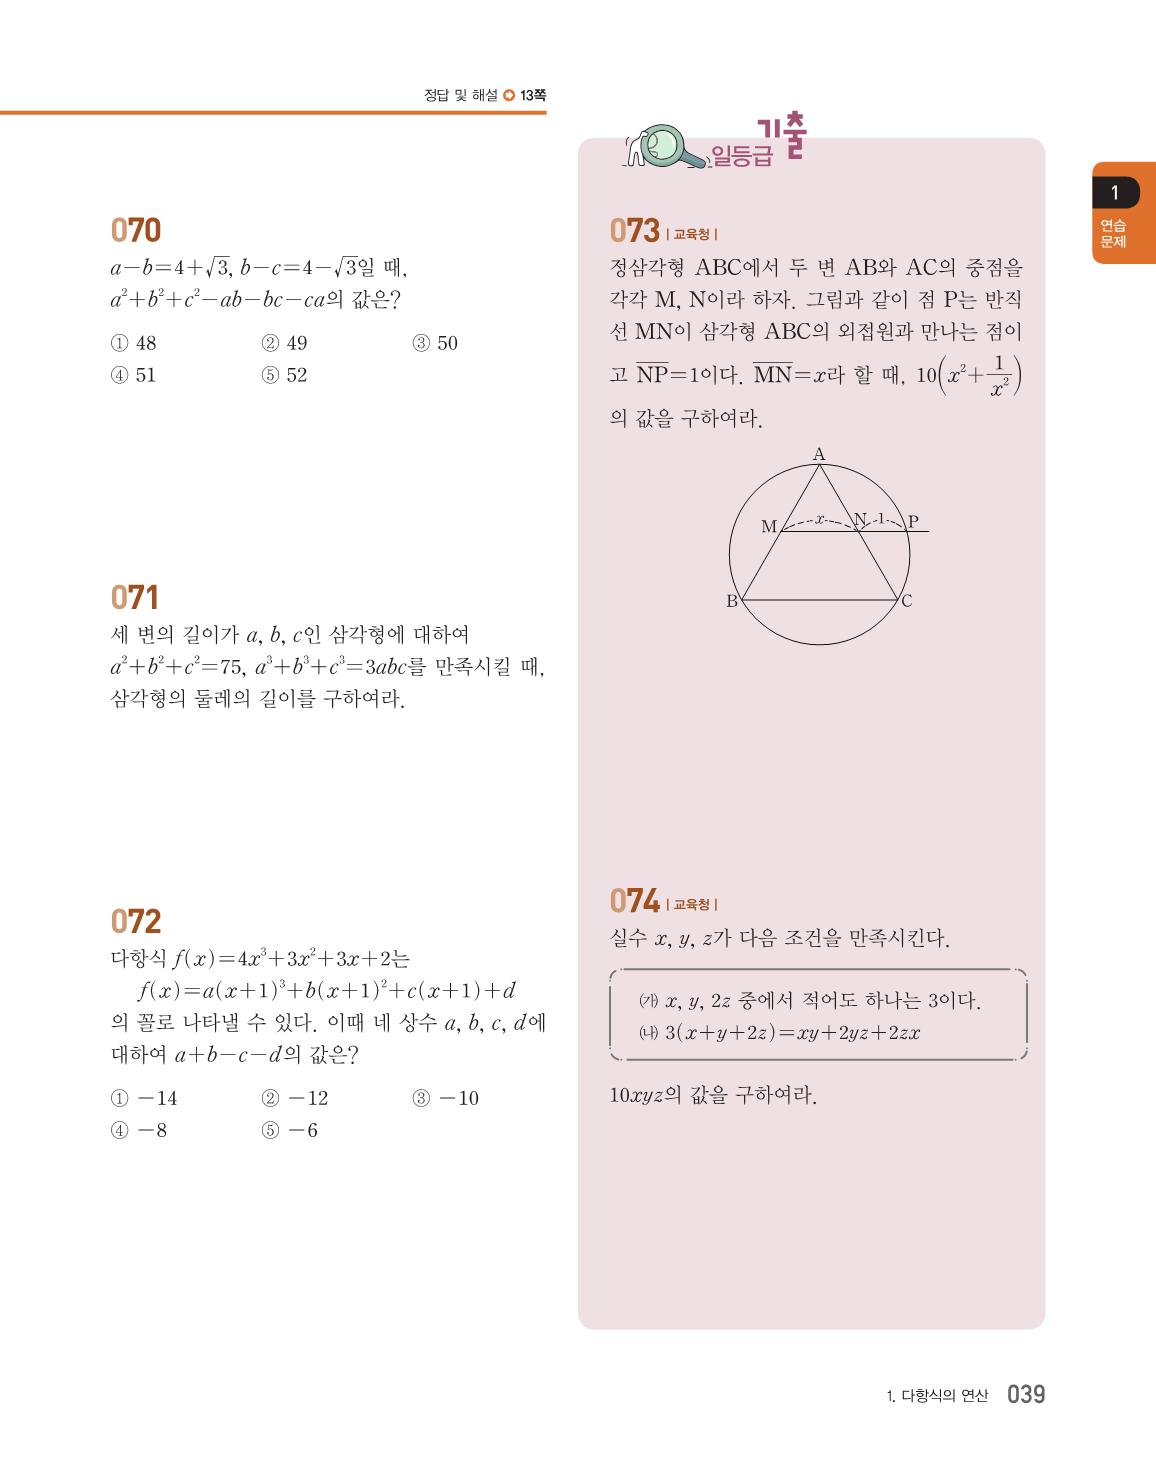 숨마쿰라우데 라이트수학 고등수학(상)_optimize19.png